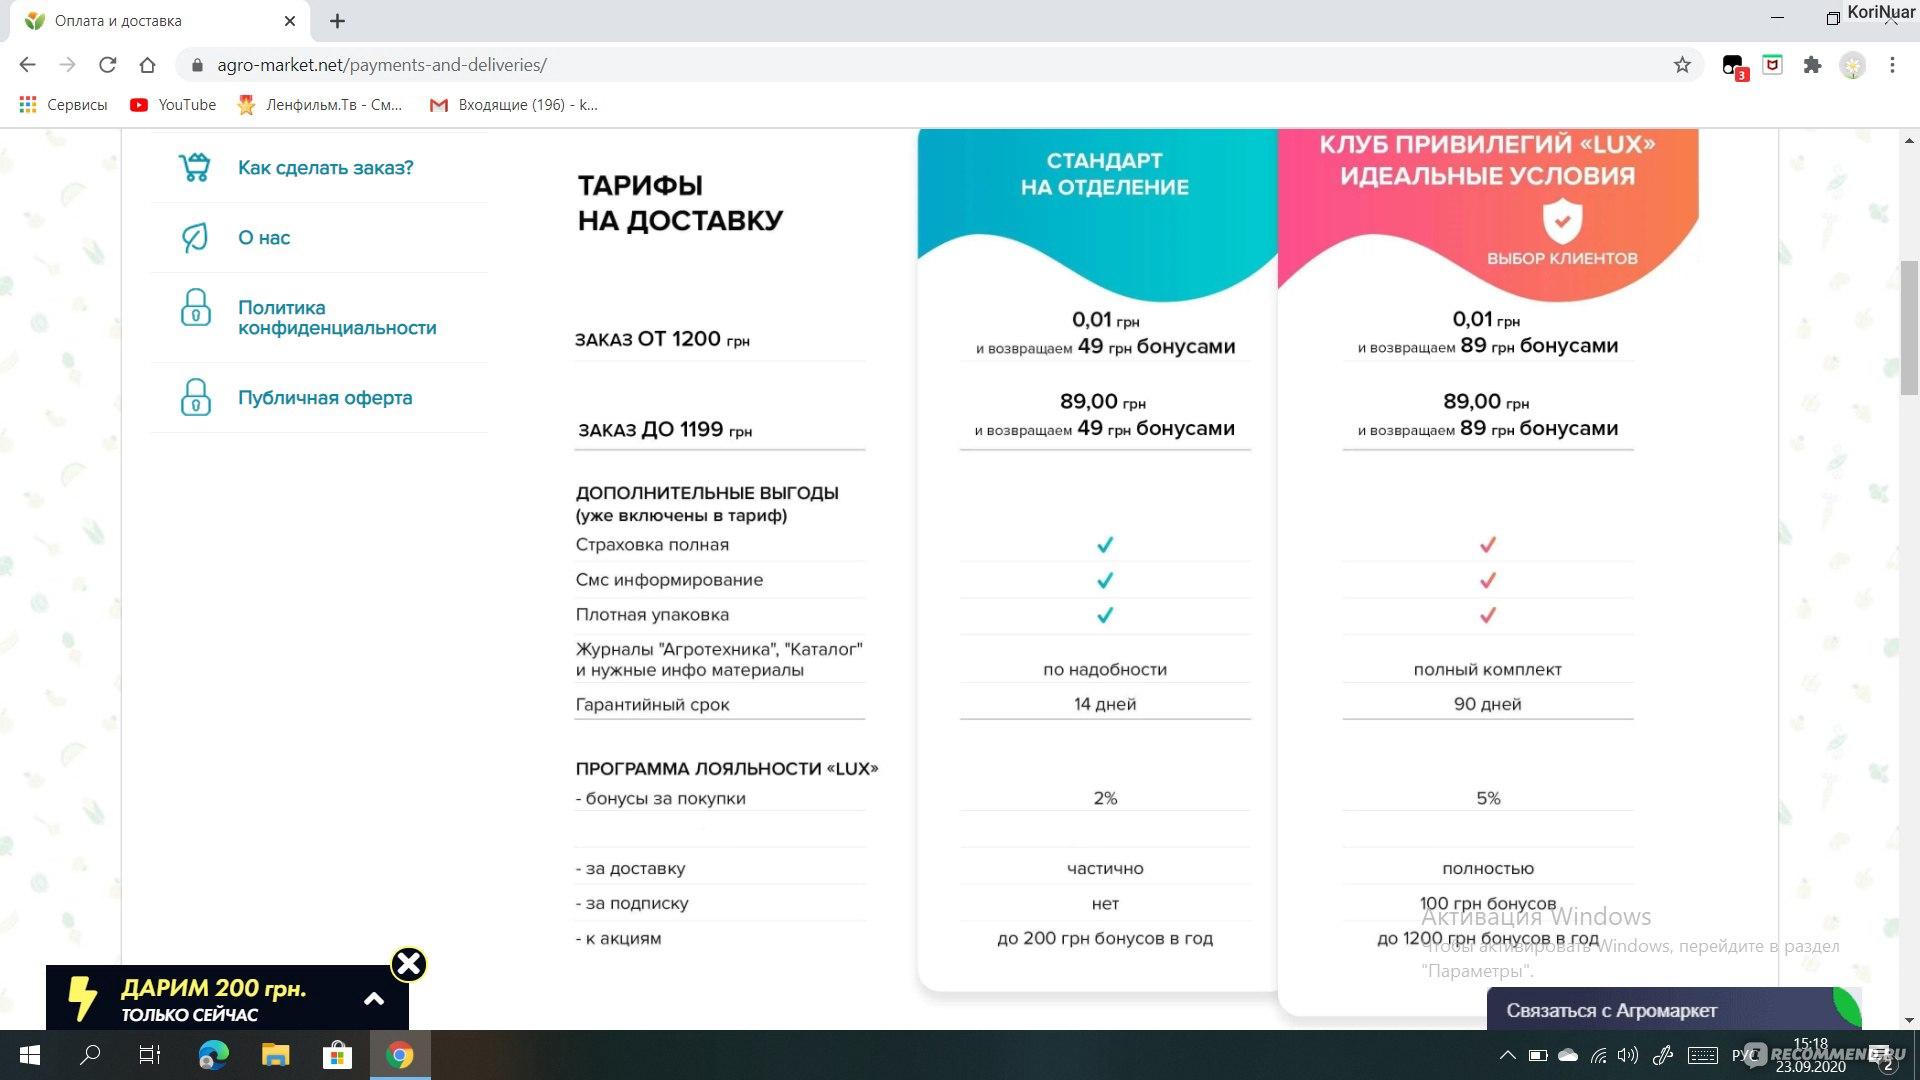 Агромаркет 24 Ру Интернет Магазин Каталог Товаров